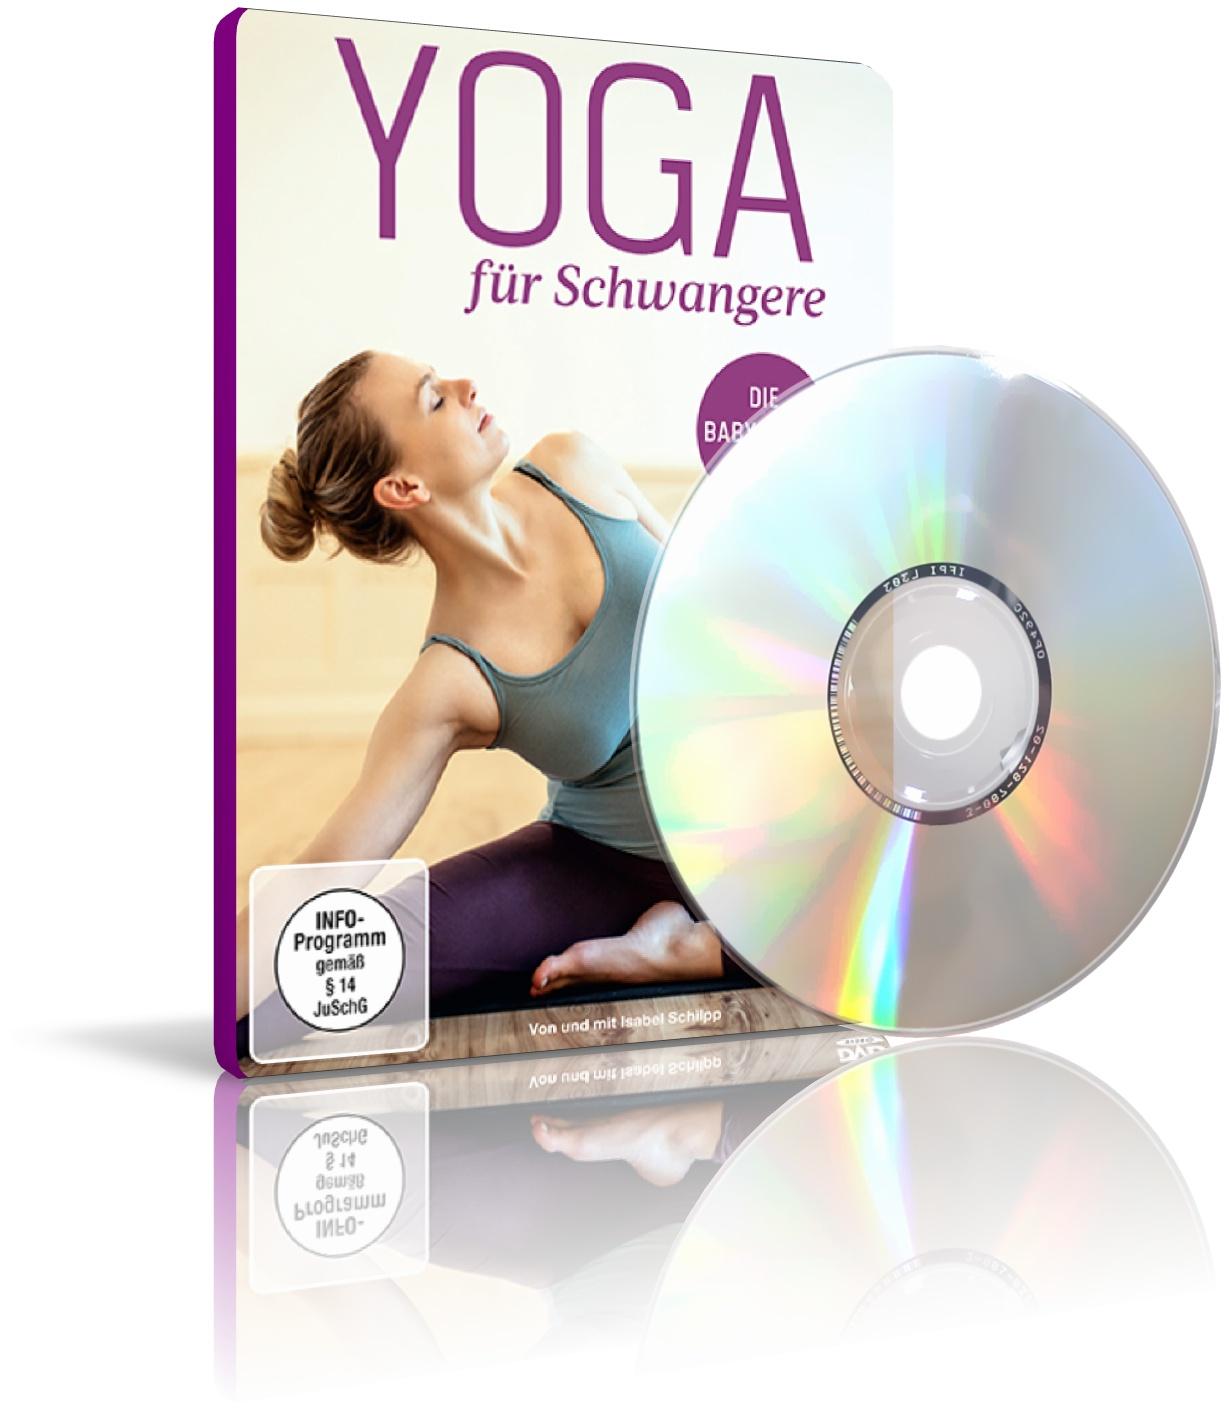 Yoga für Schwangere von und mit Isabel Schilpp (DVD)